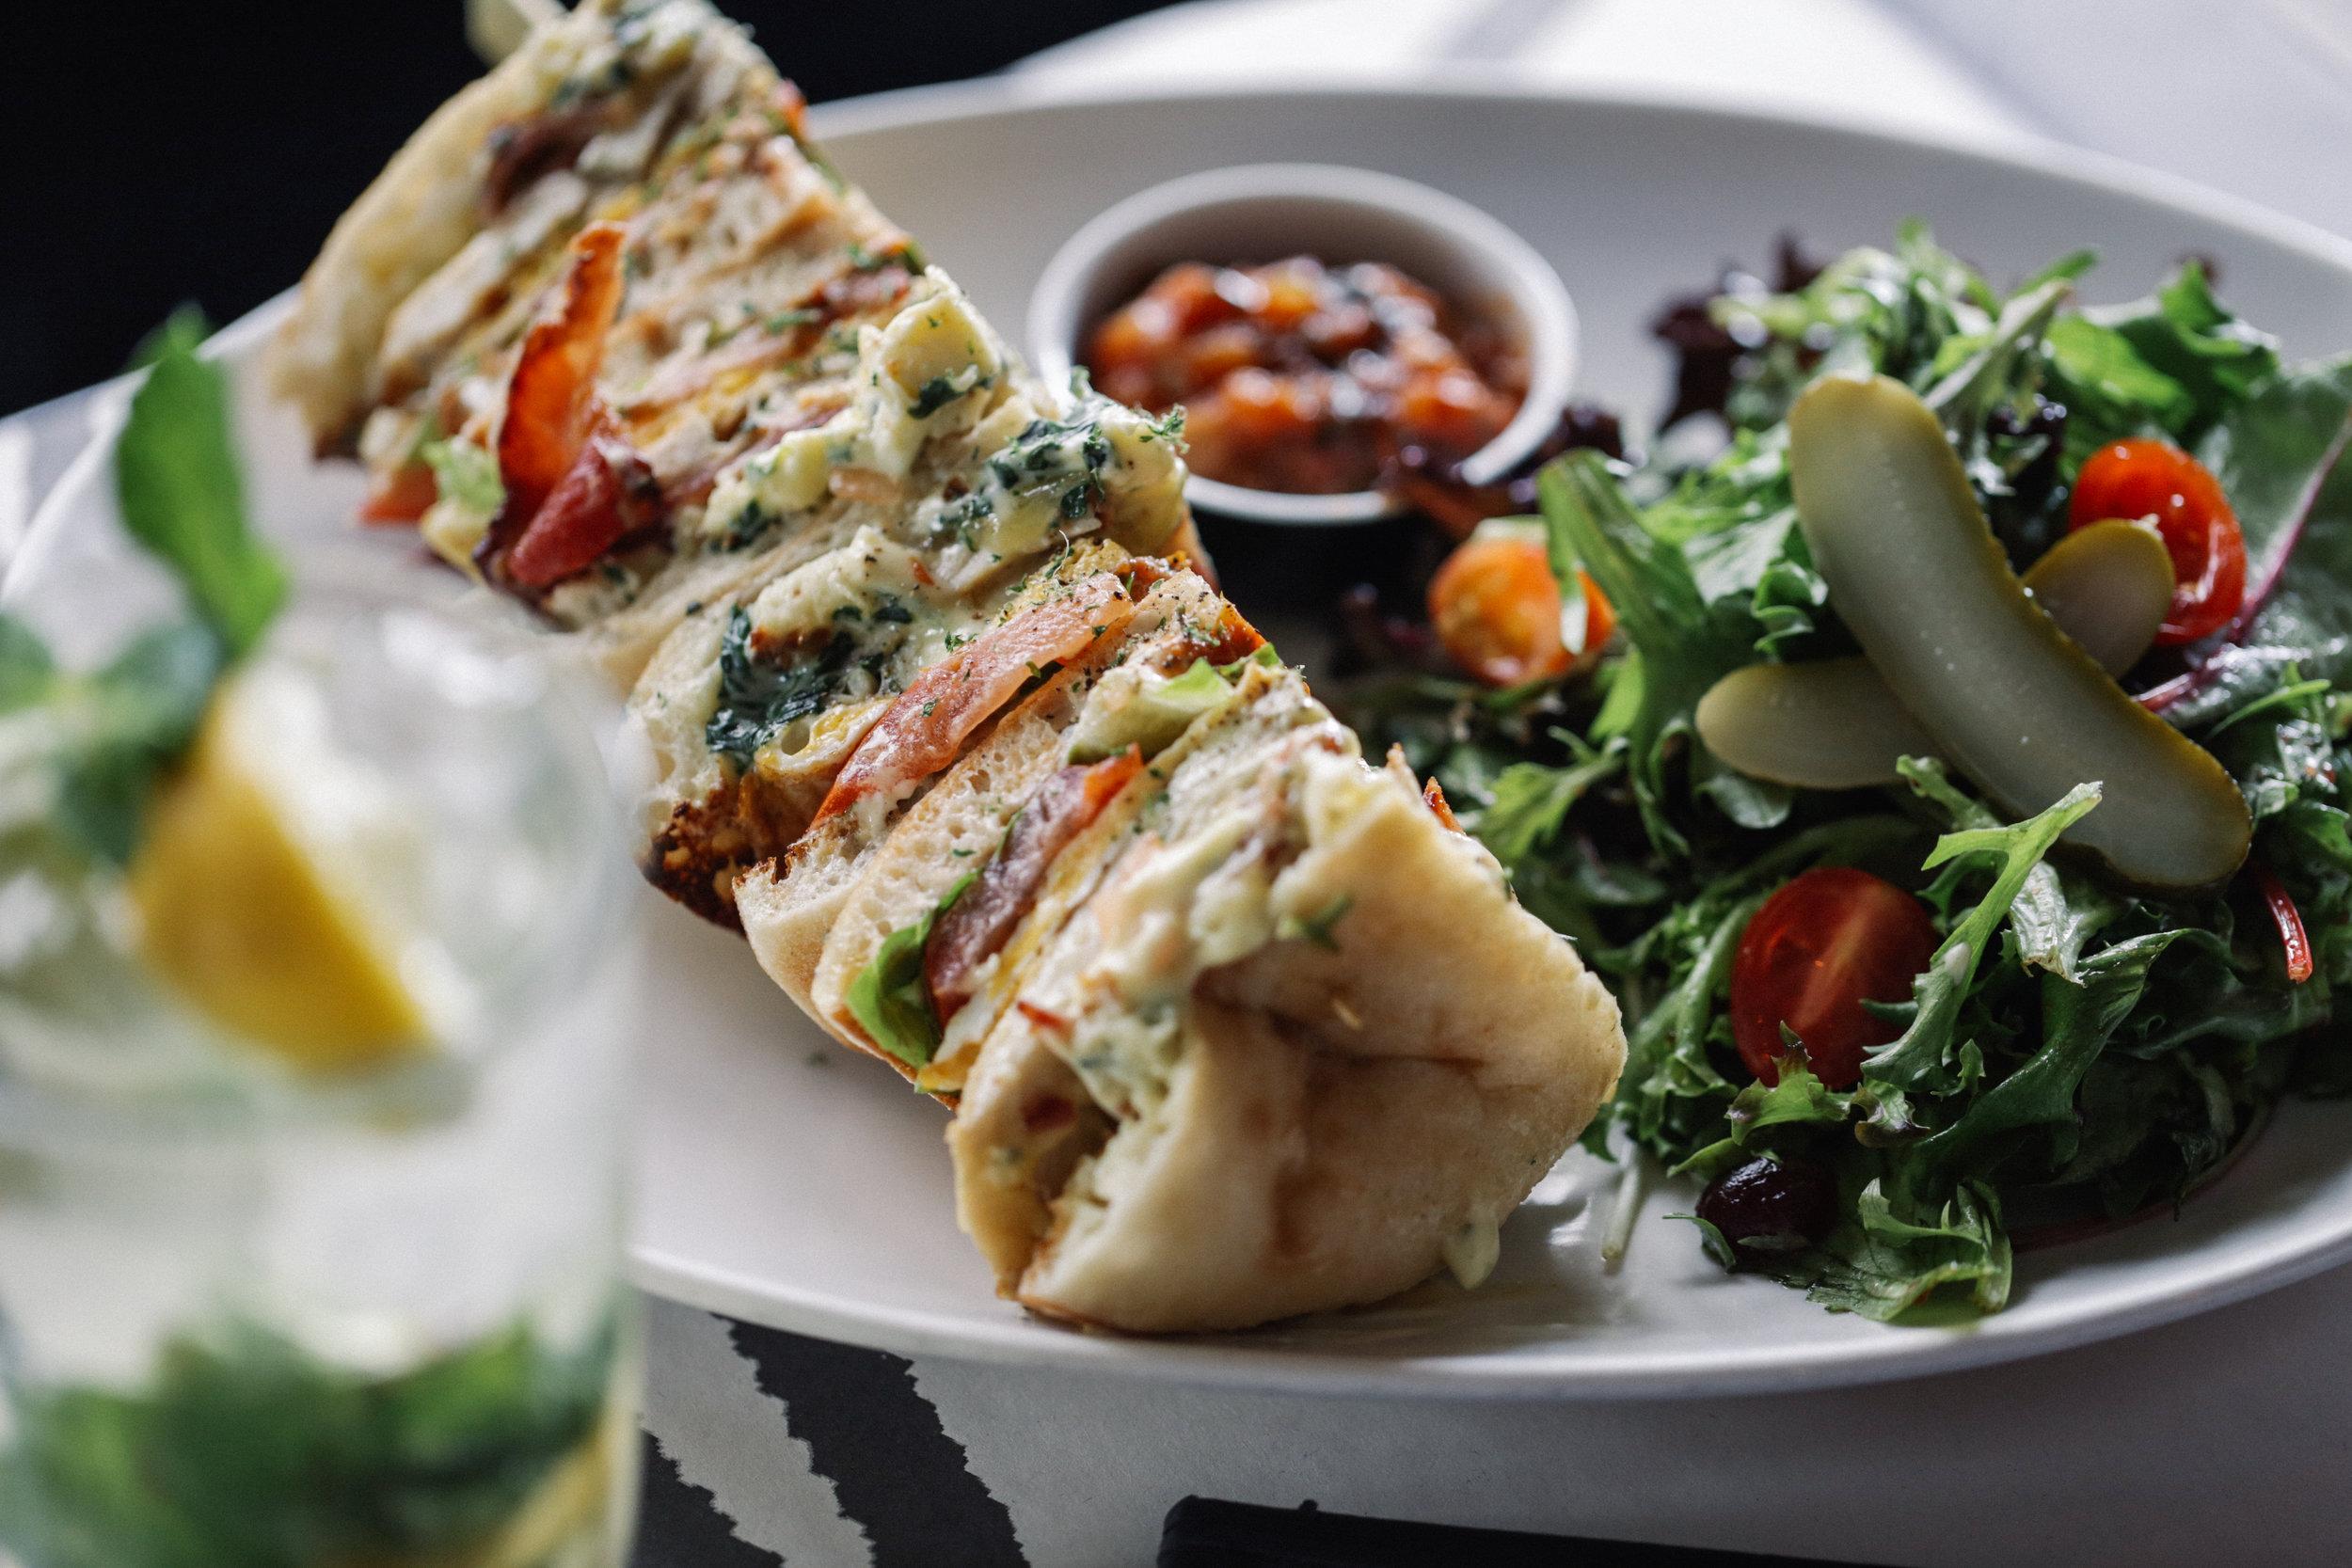 PS. Club Sandwich